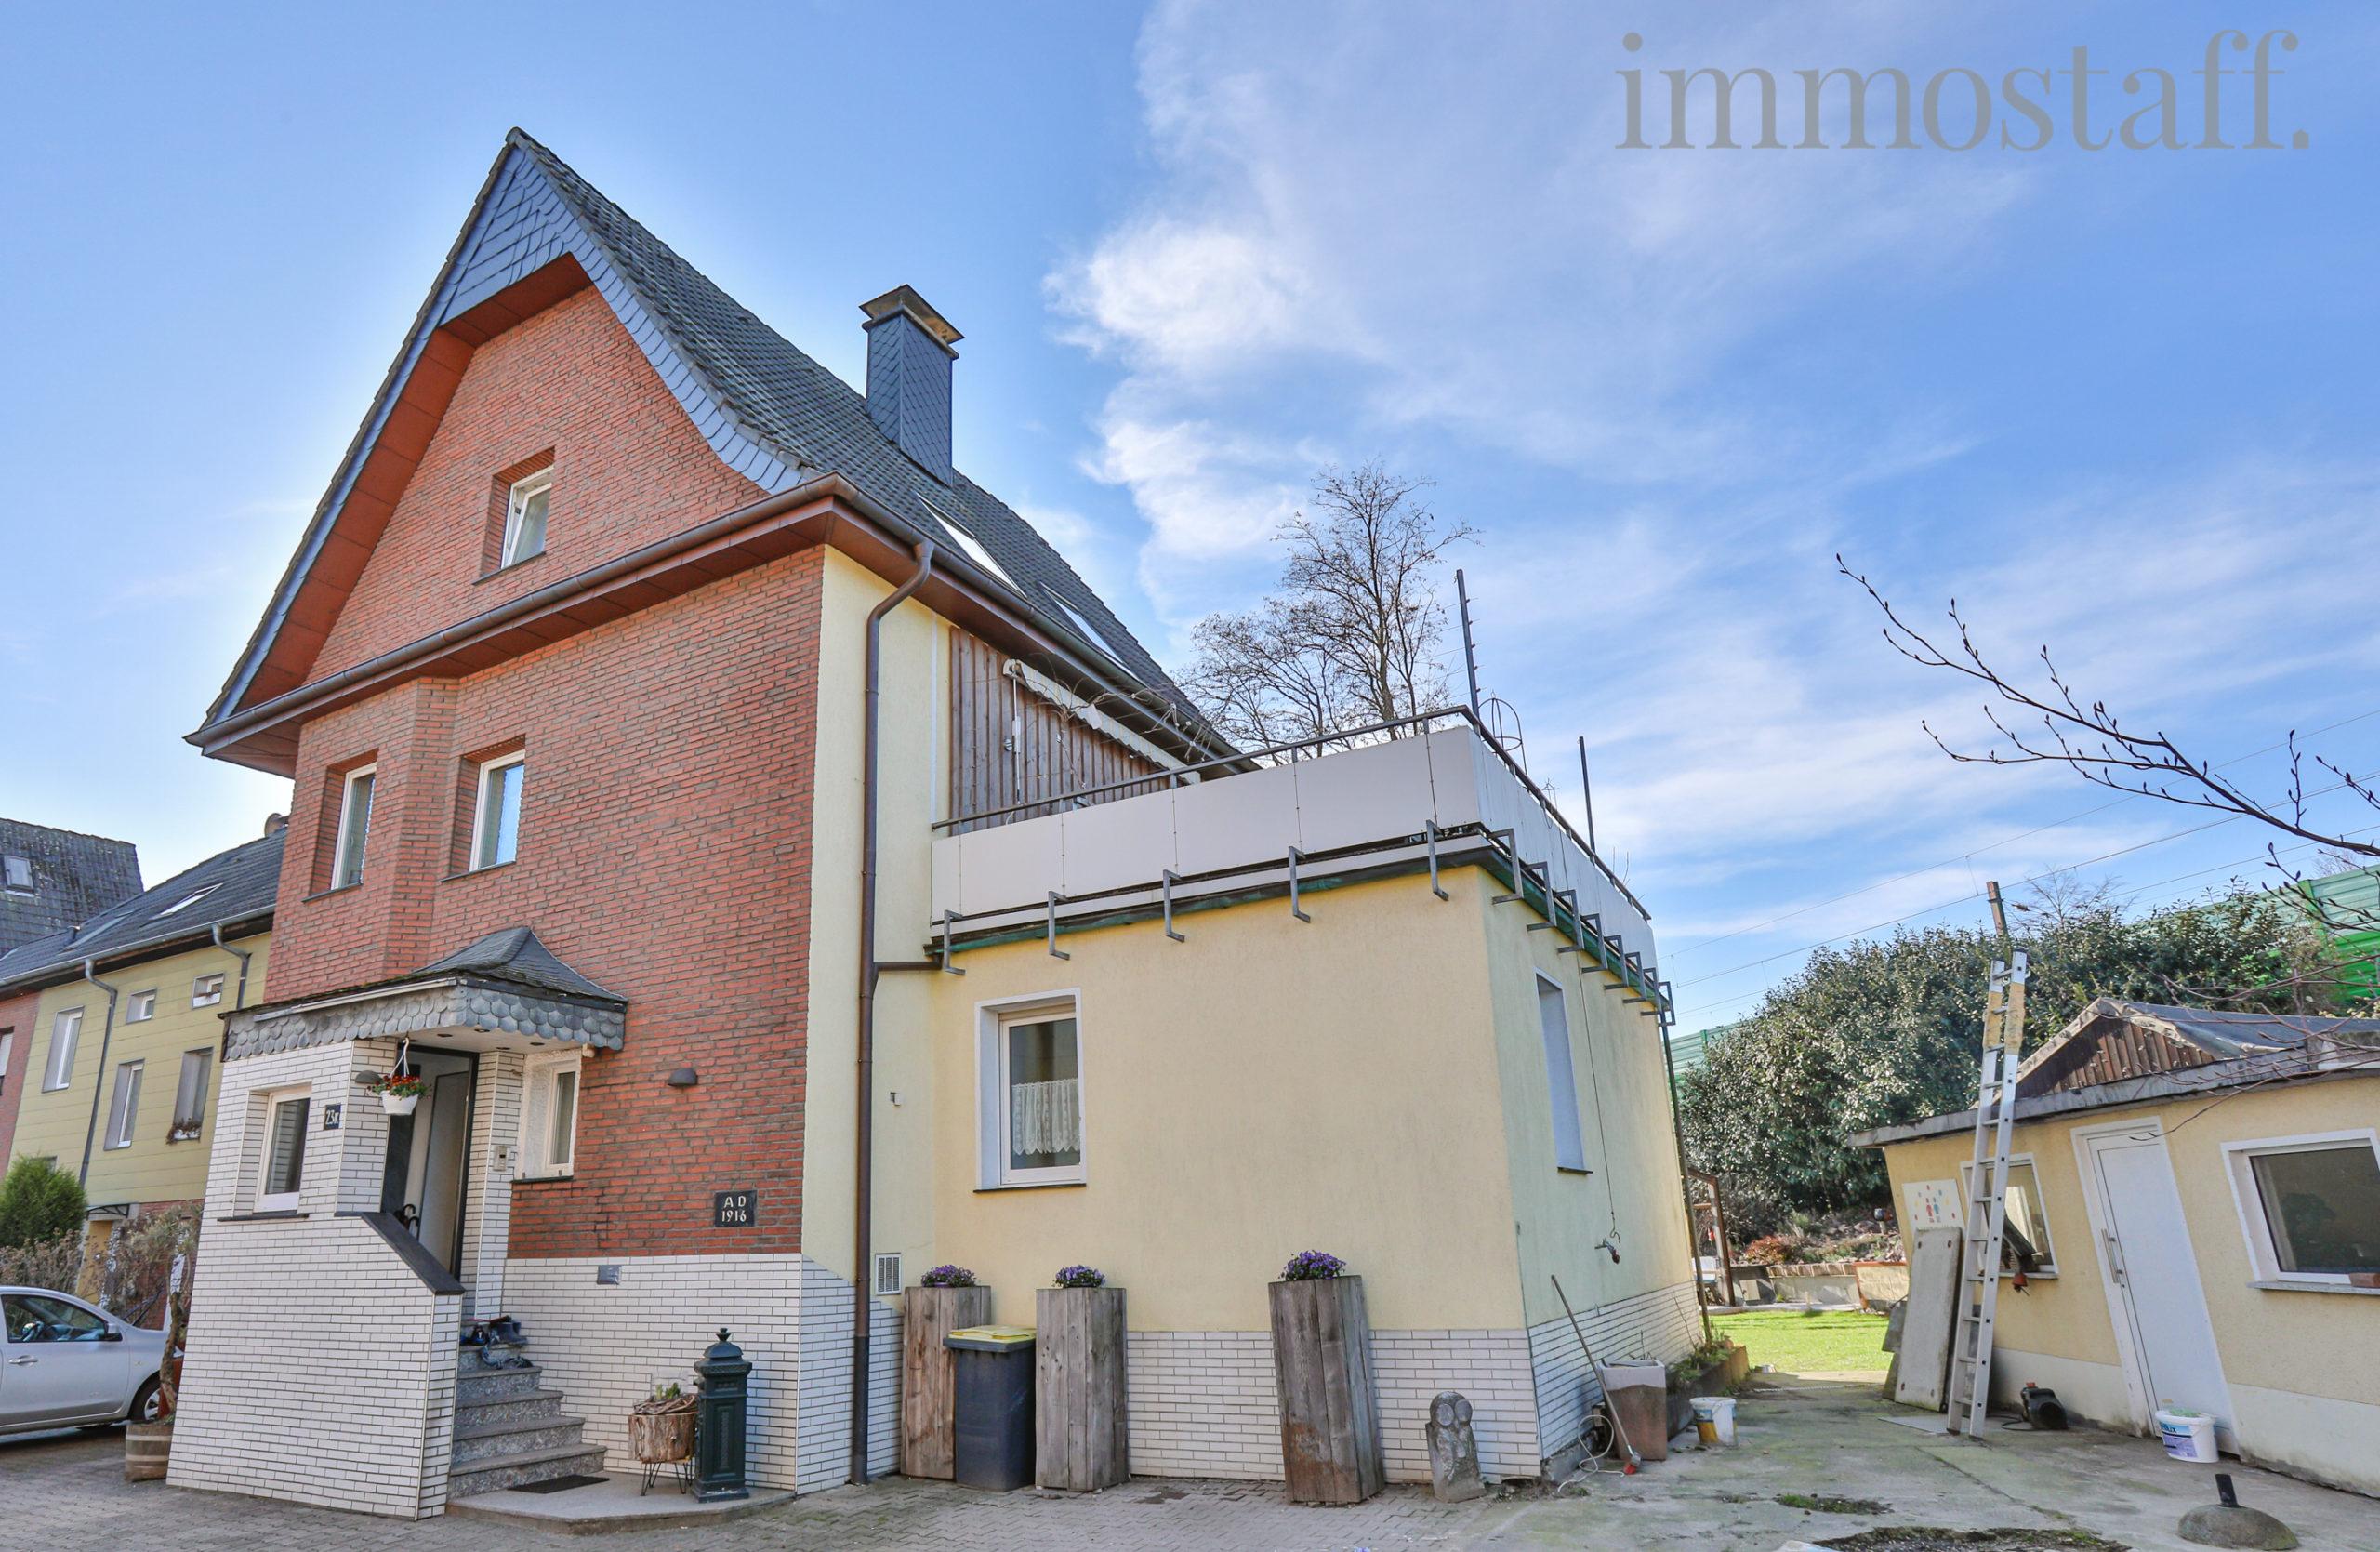 CHARME & RAFFINESSE! Großes Zweifamilienhaus (Grenze Bottrop) mit Garten, Dachterrasse, Garage, Keller und vielem mehr zu verkaufen.